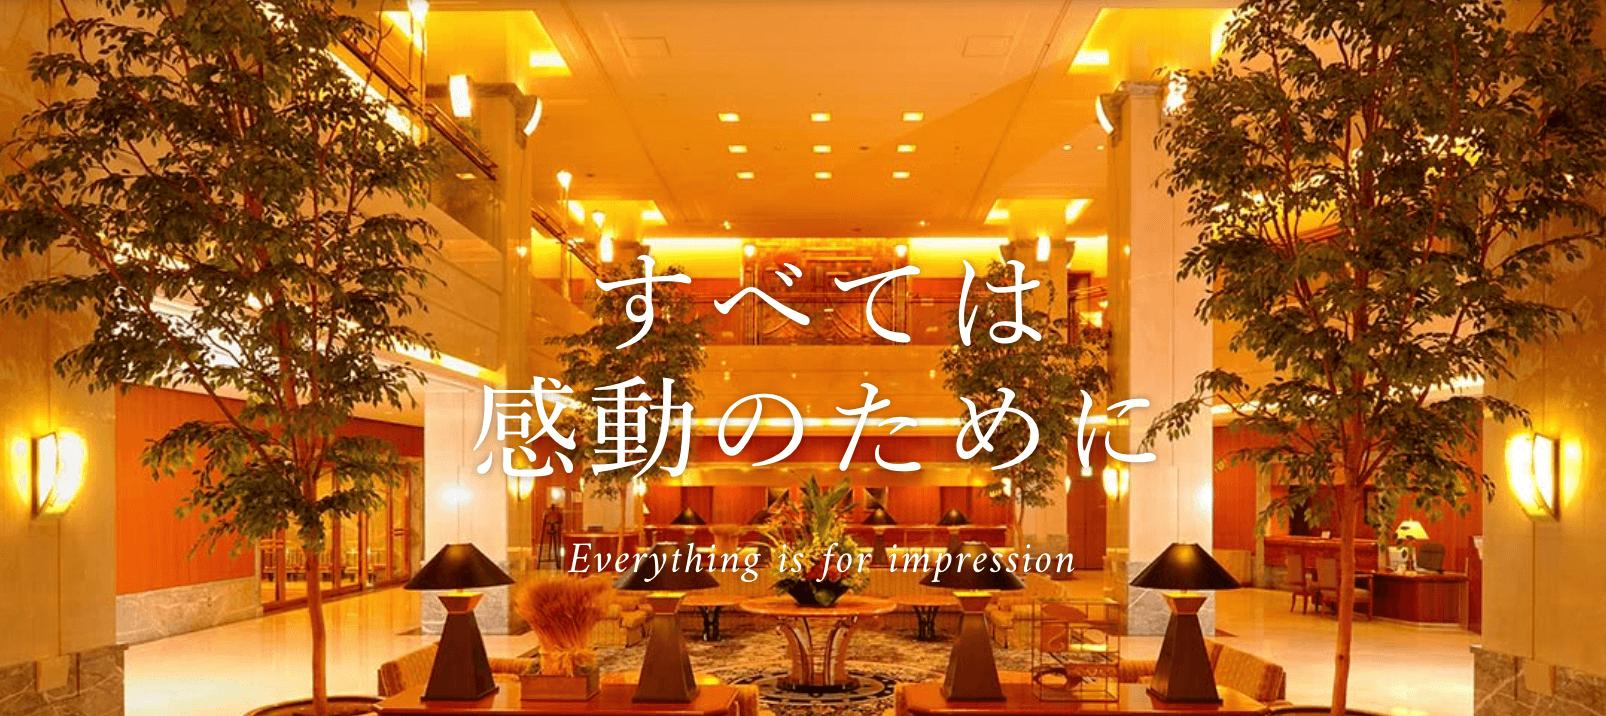 岡山でパパ活におすすめなホテル「ホテルグランヴィア岡山」